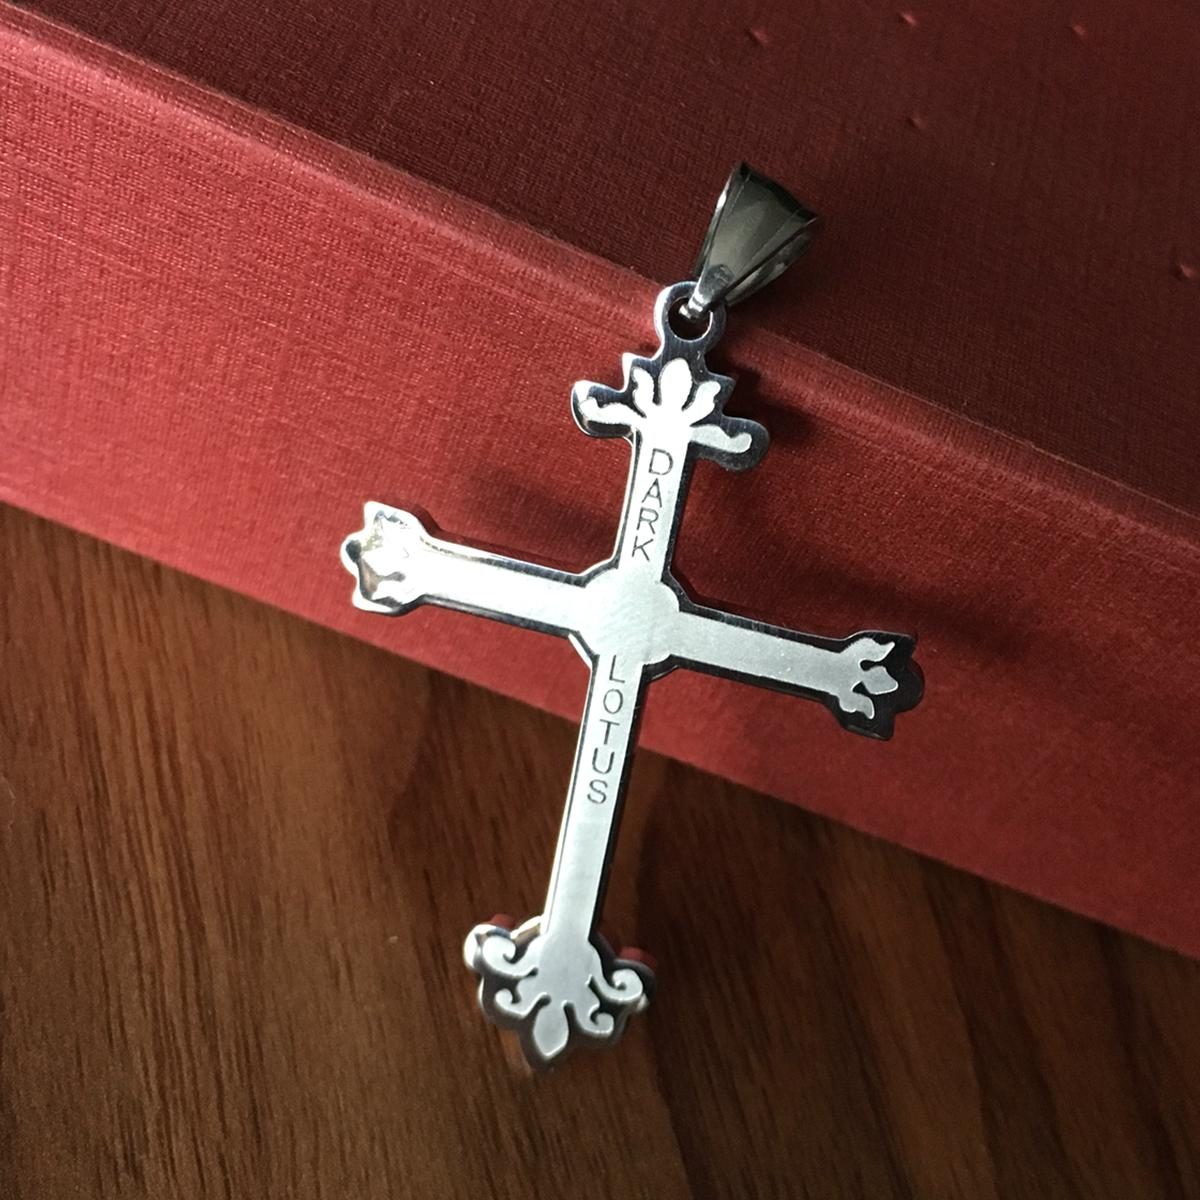 темный Лотос крест большой 2,5-дюймовый высокий выгравированы juggalo очарование ICP twiztid большой темный Лотос очарование ICP топор кулон